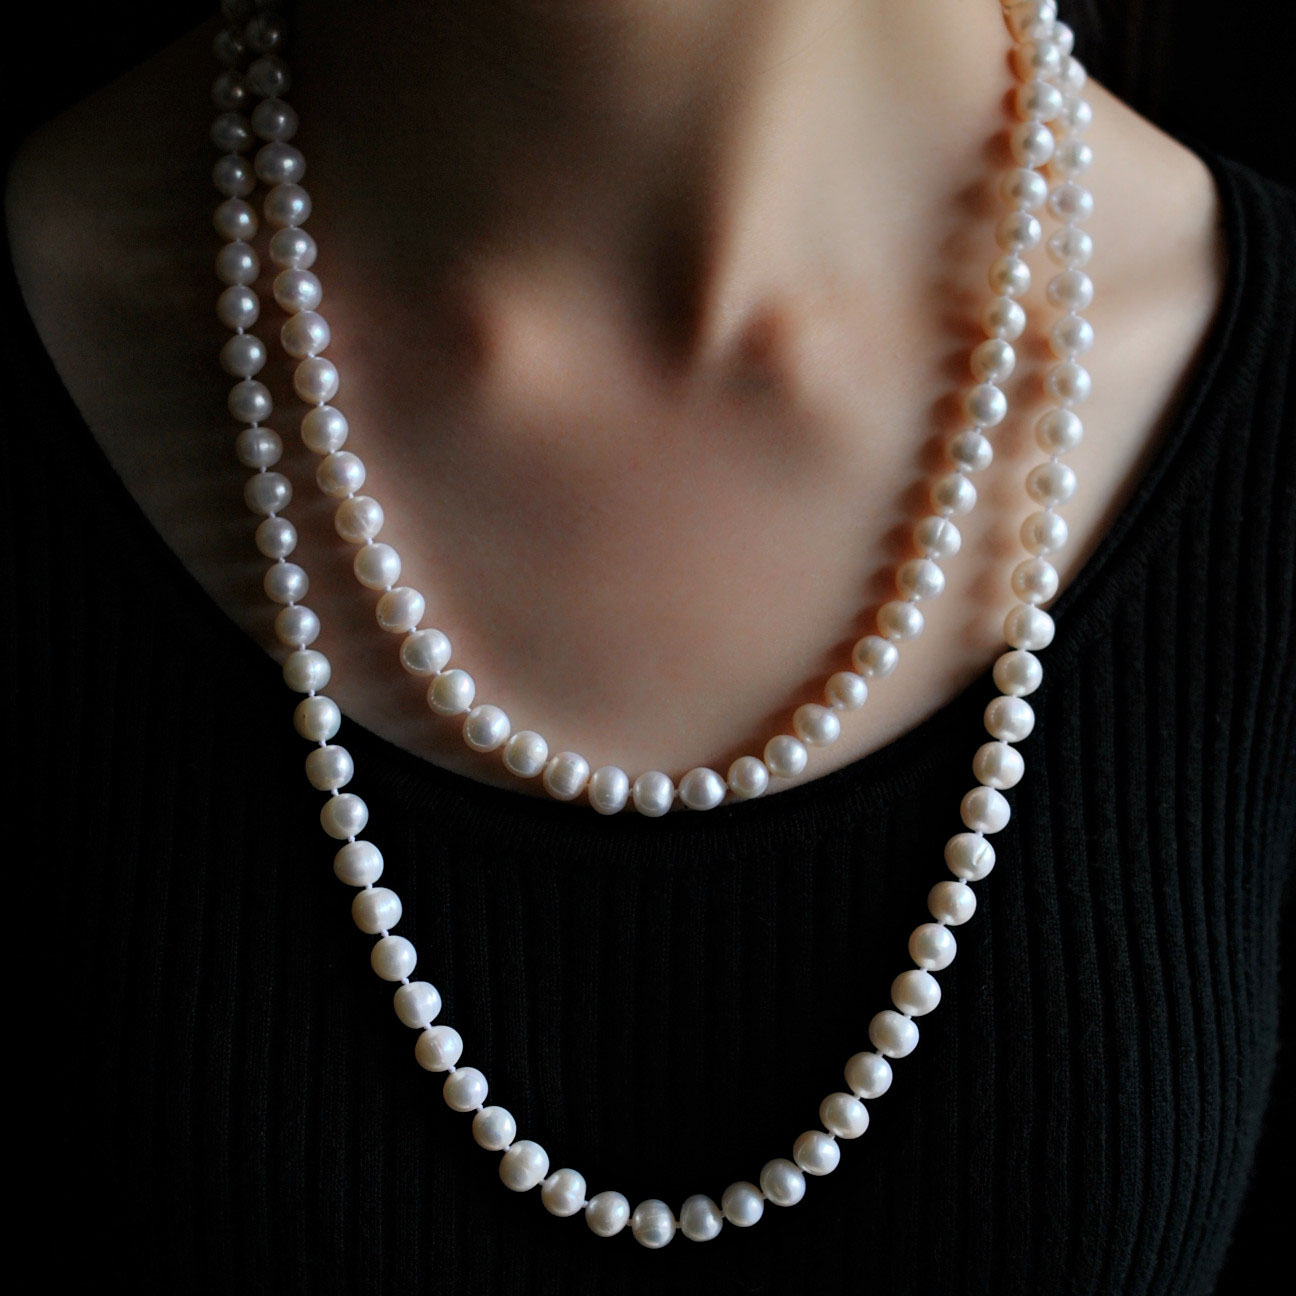 多层。项链强光珍珠毛衣经典佳人款珍珠长链秋冬季淡水天然链